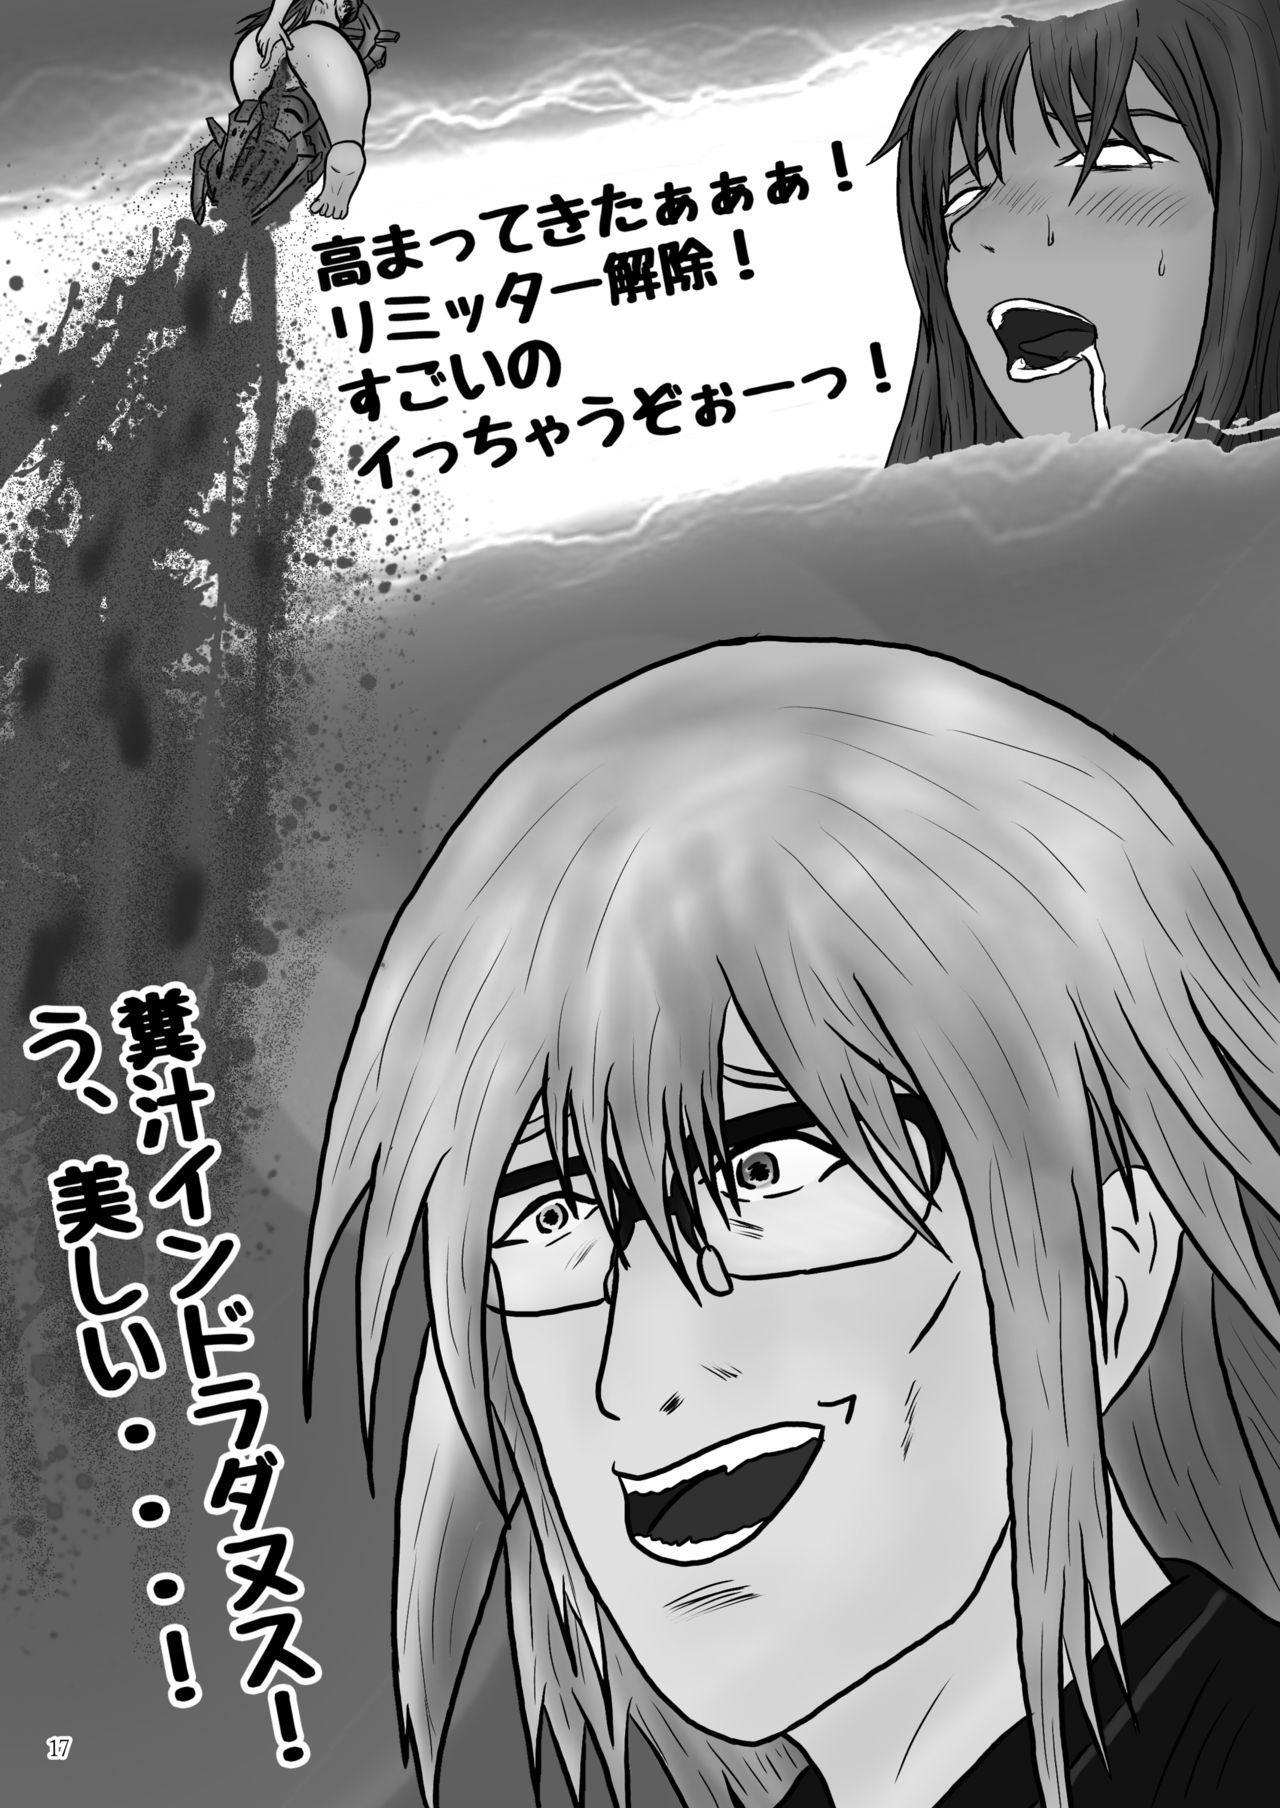 ア○スギア総合スカトロアンソロジー アクトレス排泄実態調査任務~スカポためるっすか!?~ 16